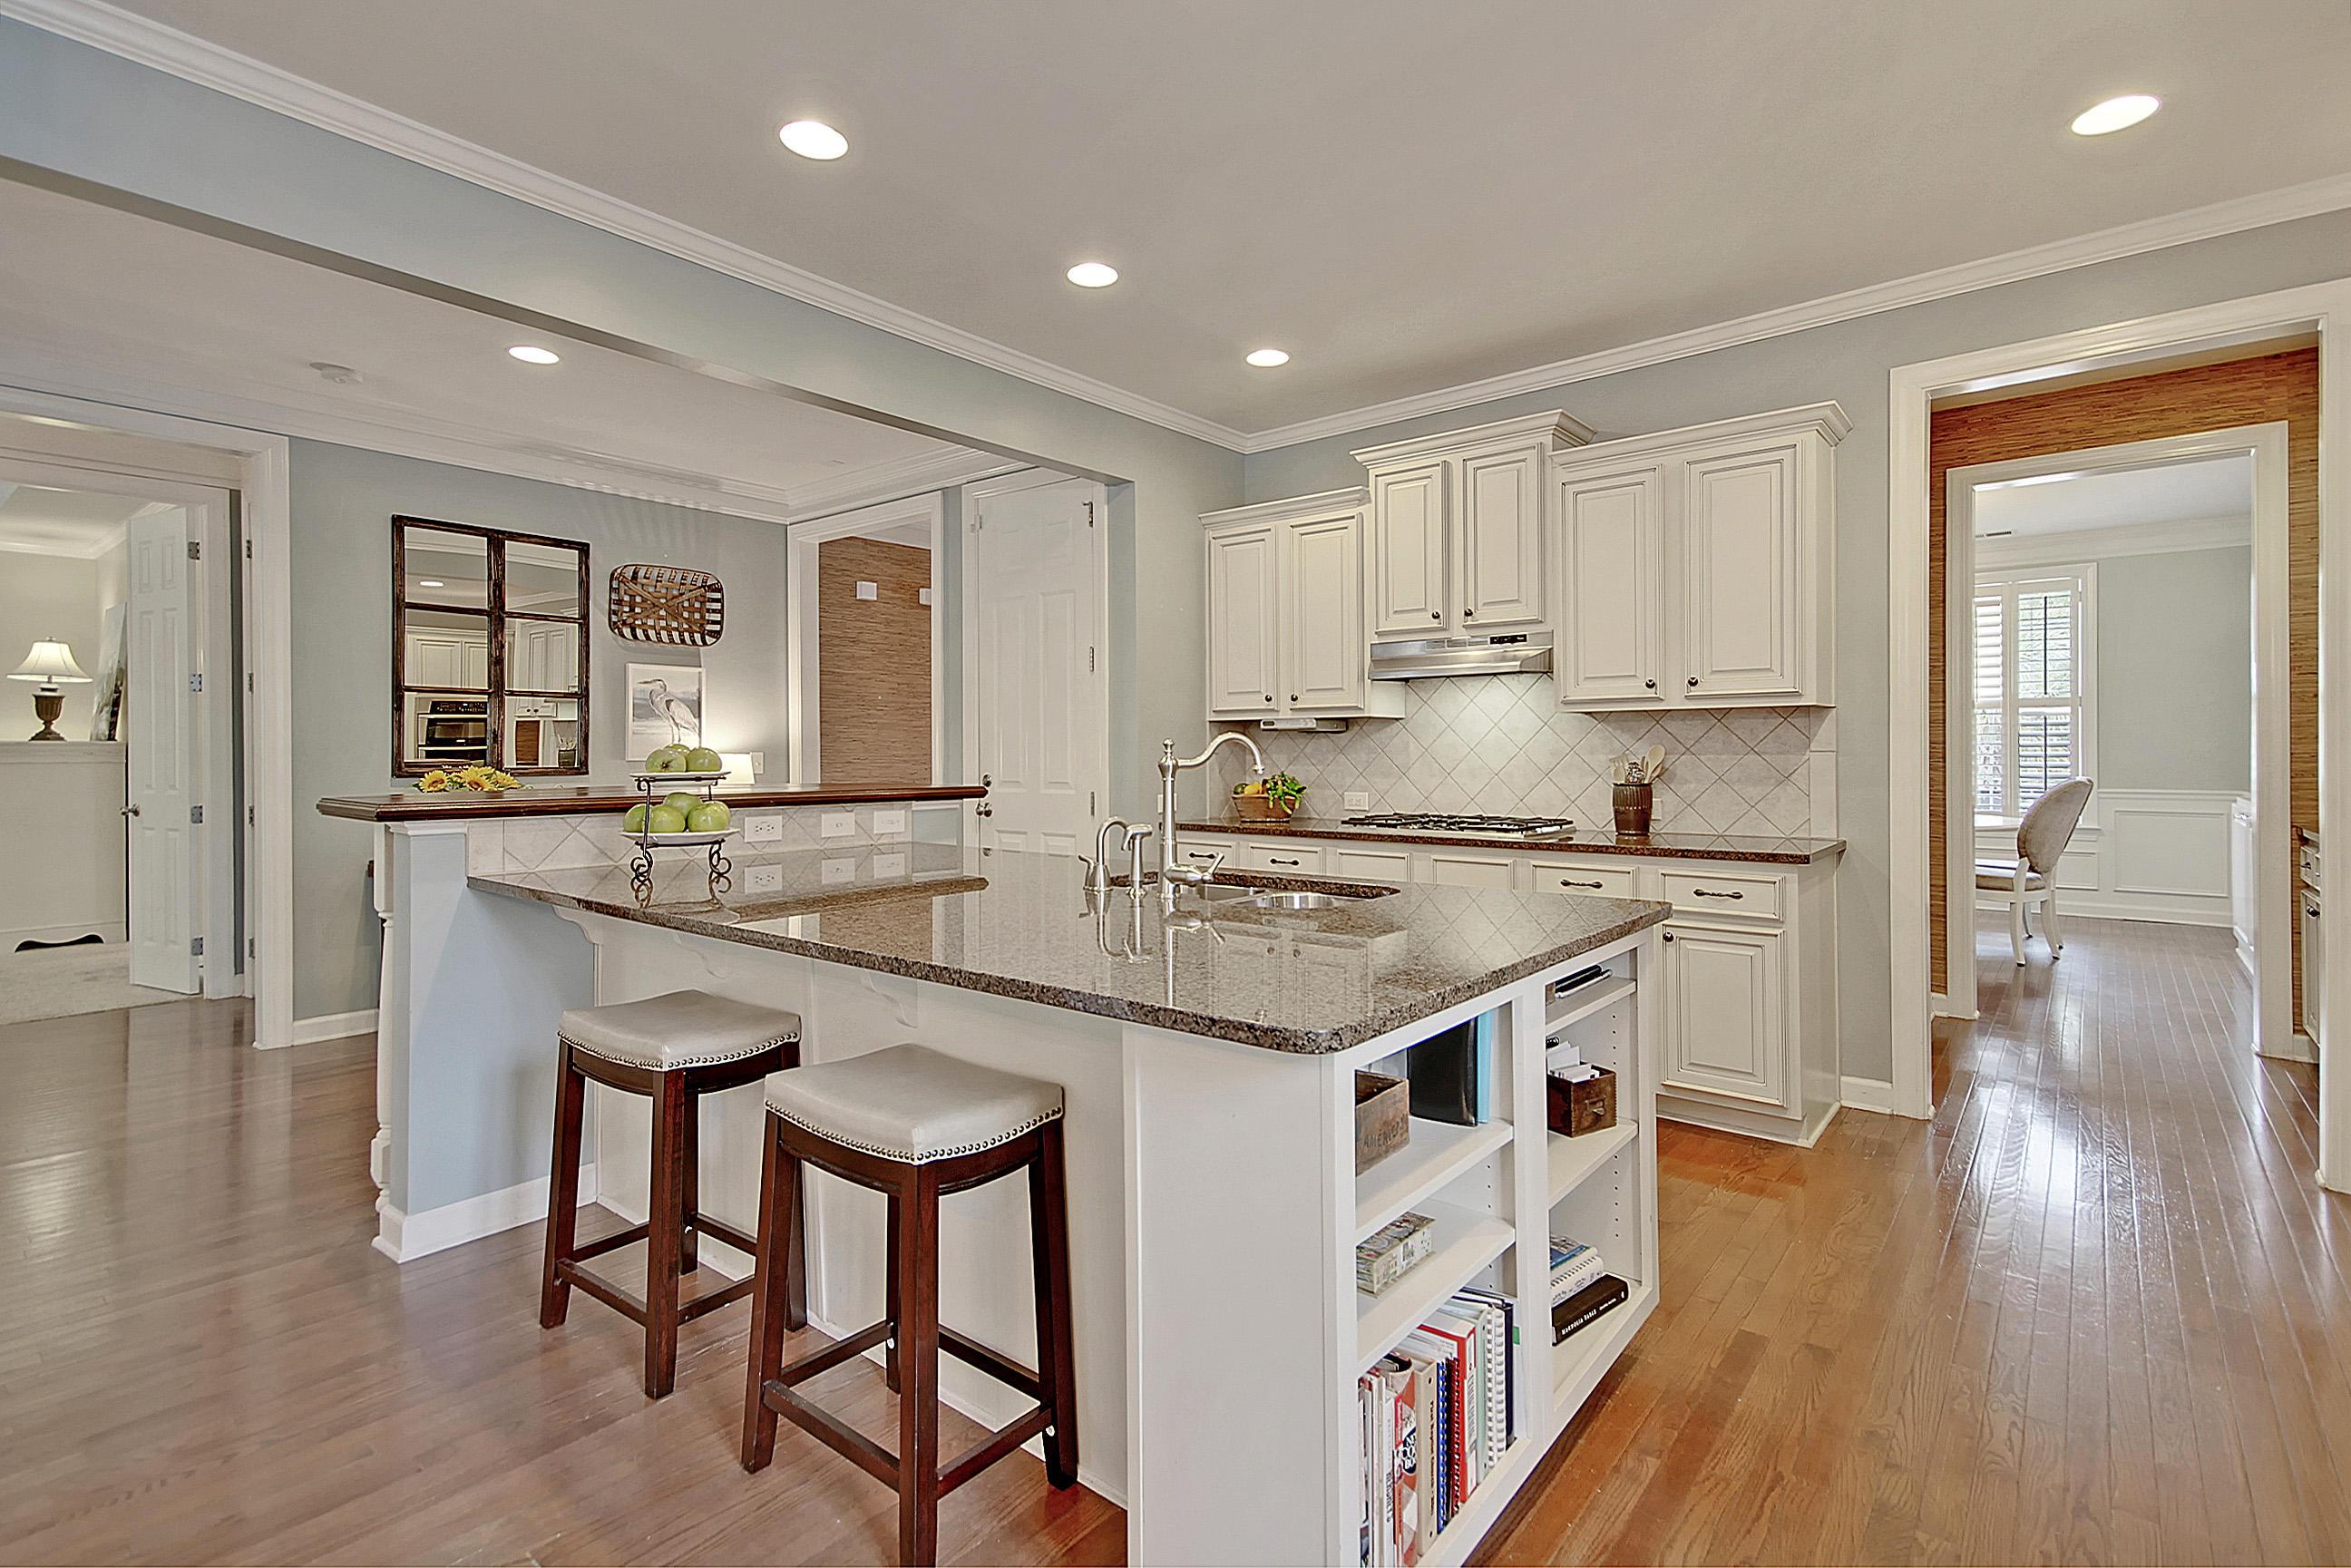 Dunes West Homes For Sale - 3056 Riverwood, Mount Pleasant, SC - 13